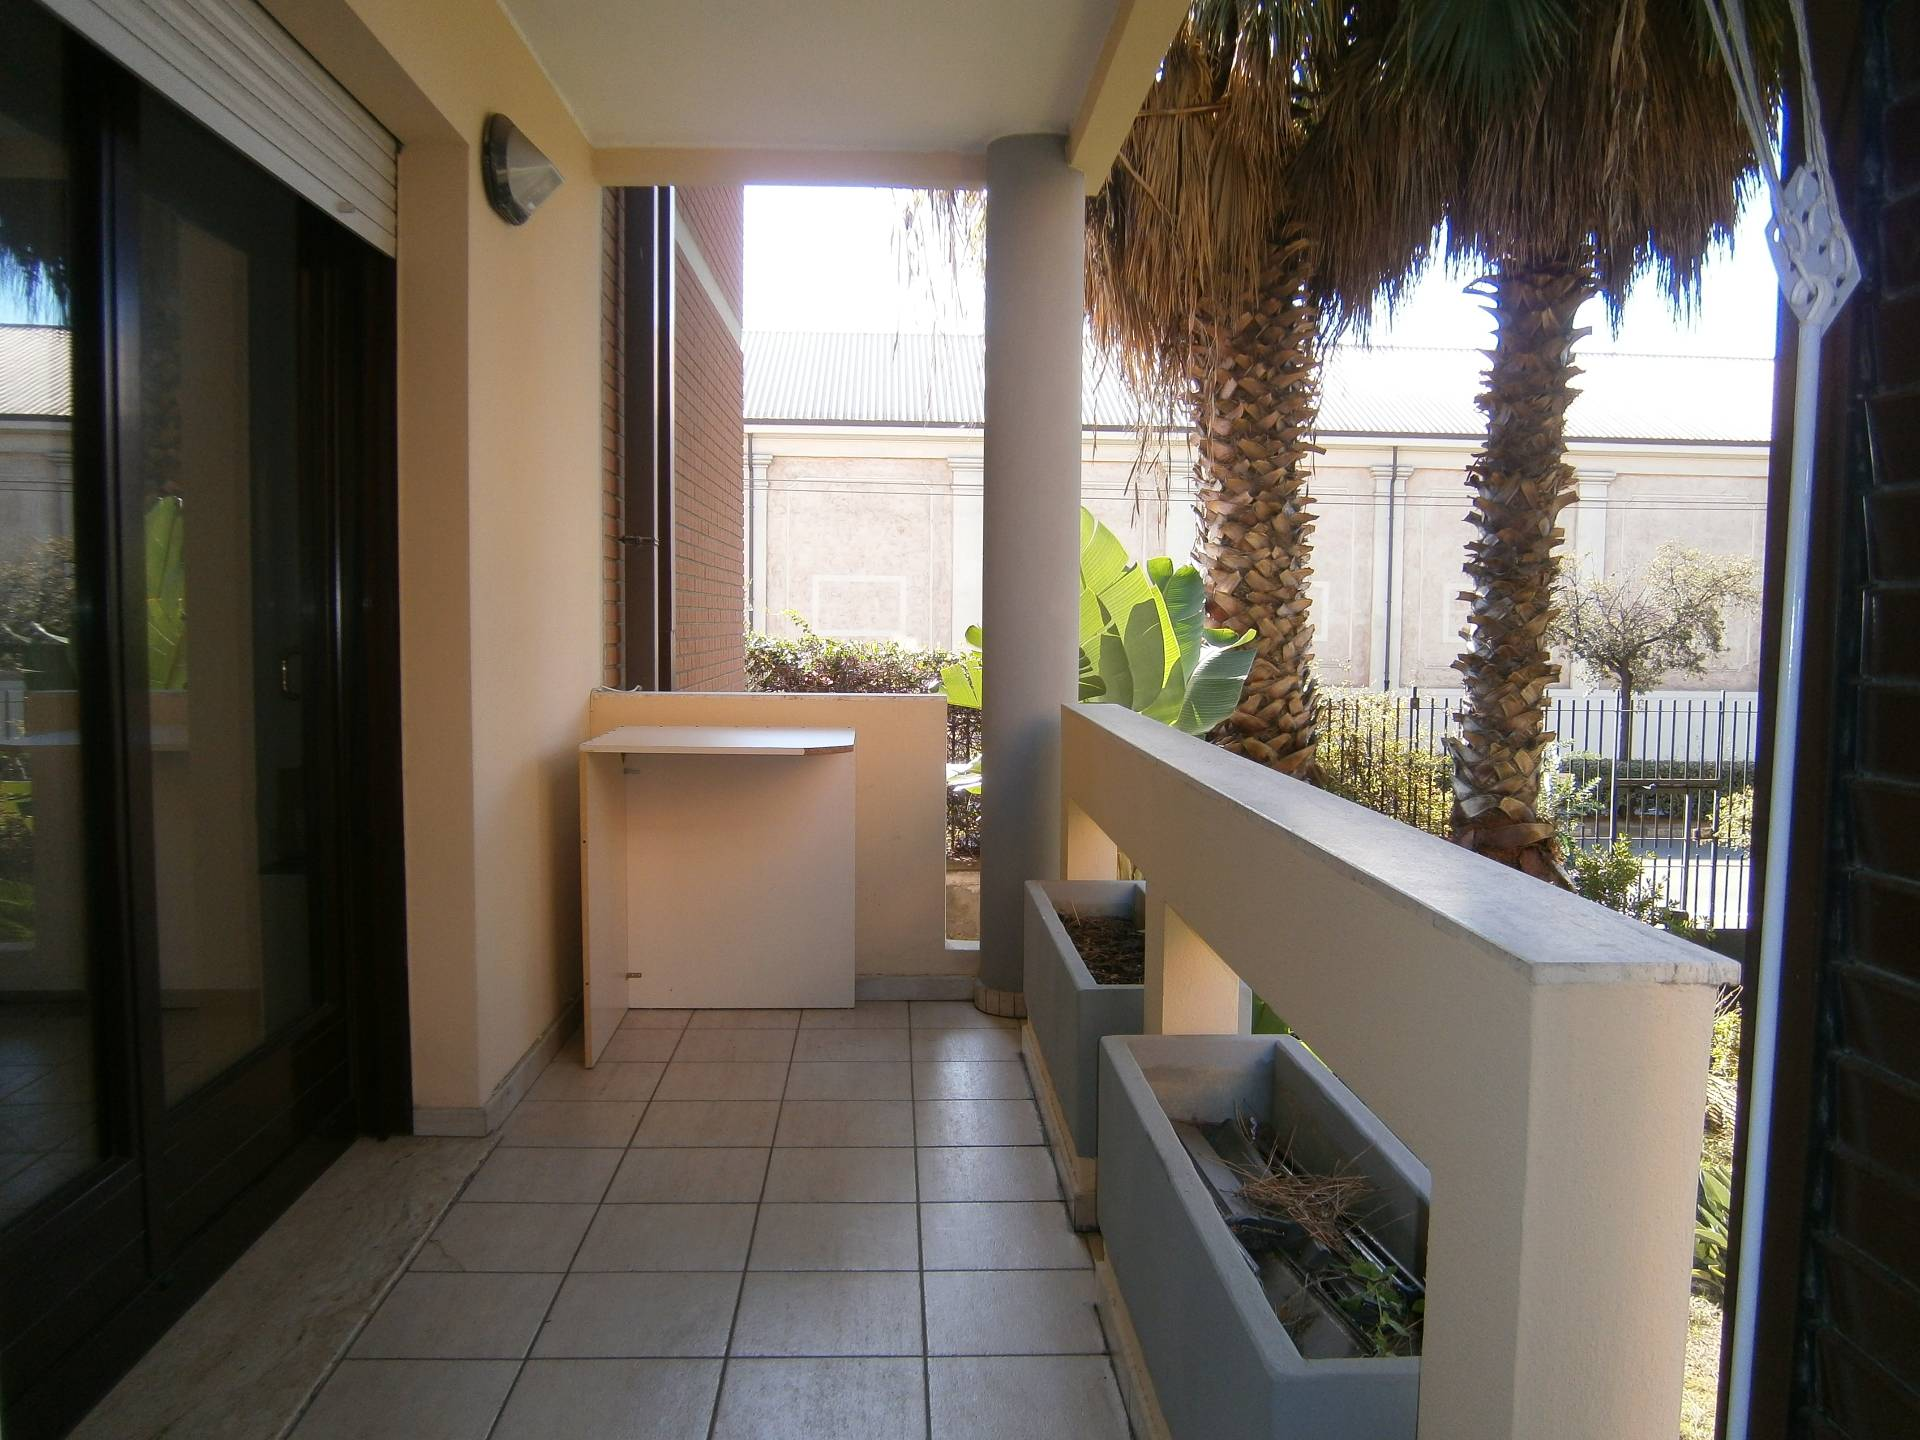 Appartamento in affitto a Cagliari, 3 locali, zona Località: QuartieredelSole, prezzo € 650 | Cambio Casa.it